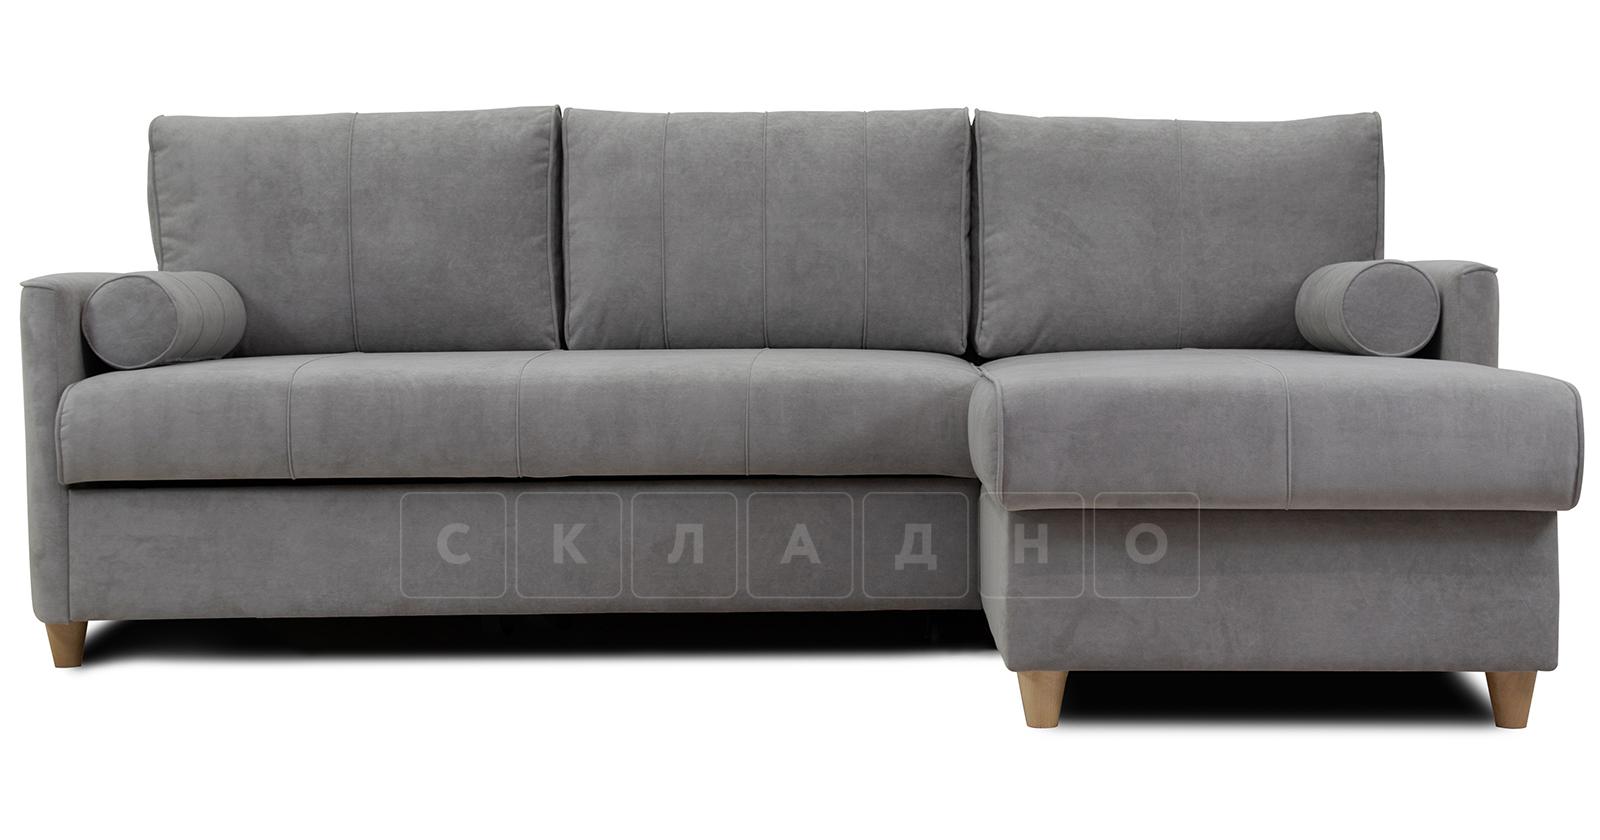 Угловой диван Лорен серебристый серый фото 2 | интернет-магазин Складно